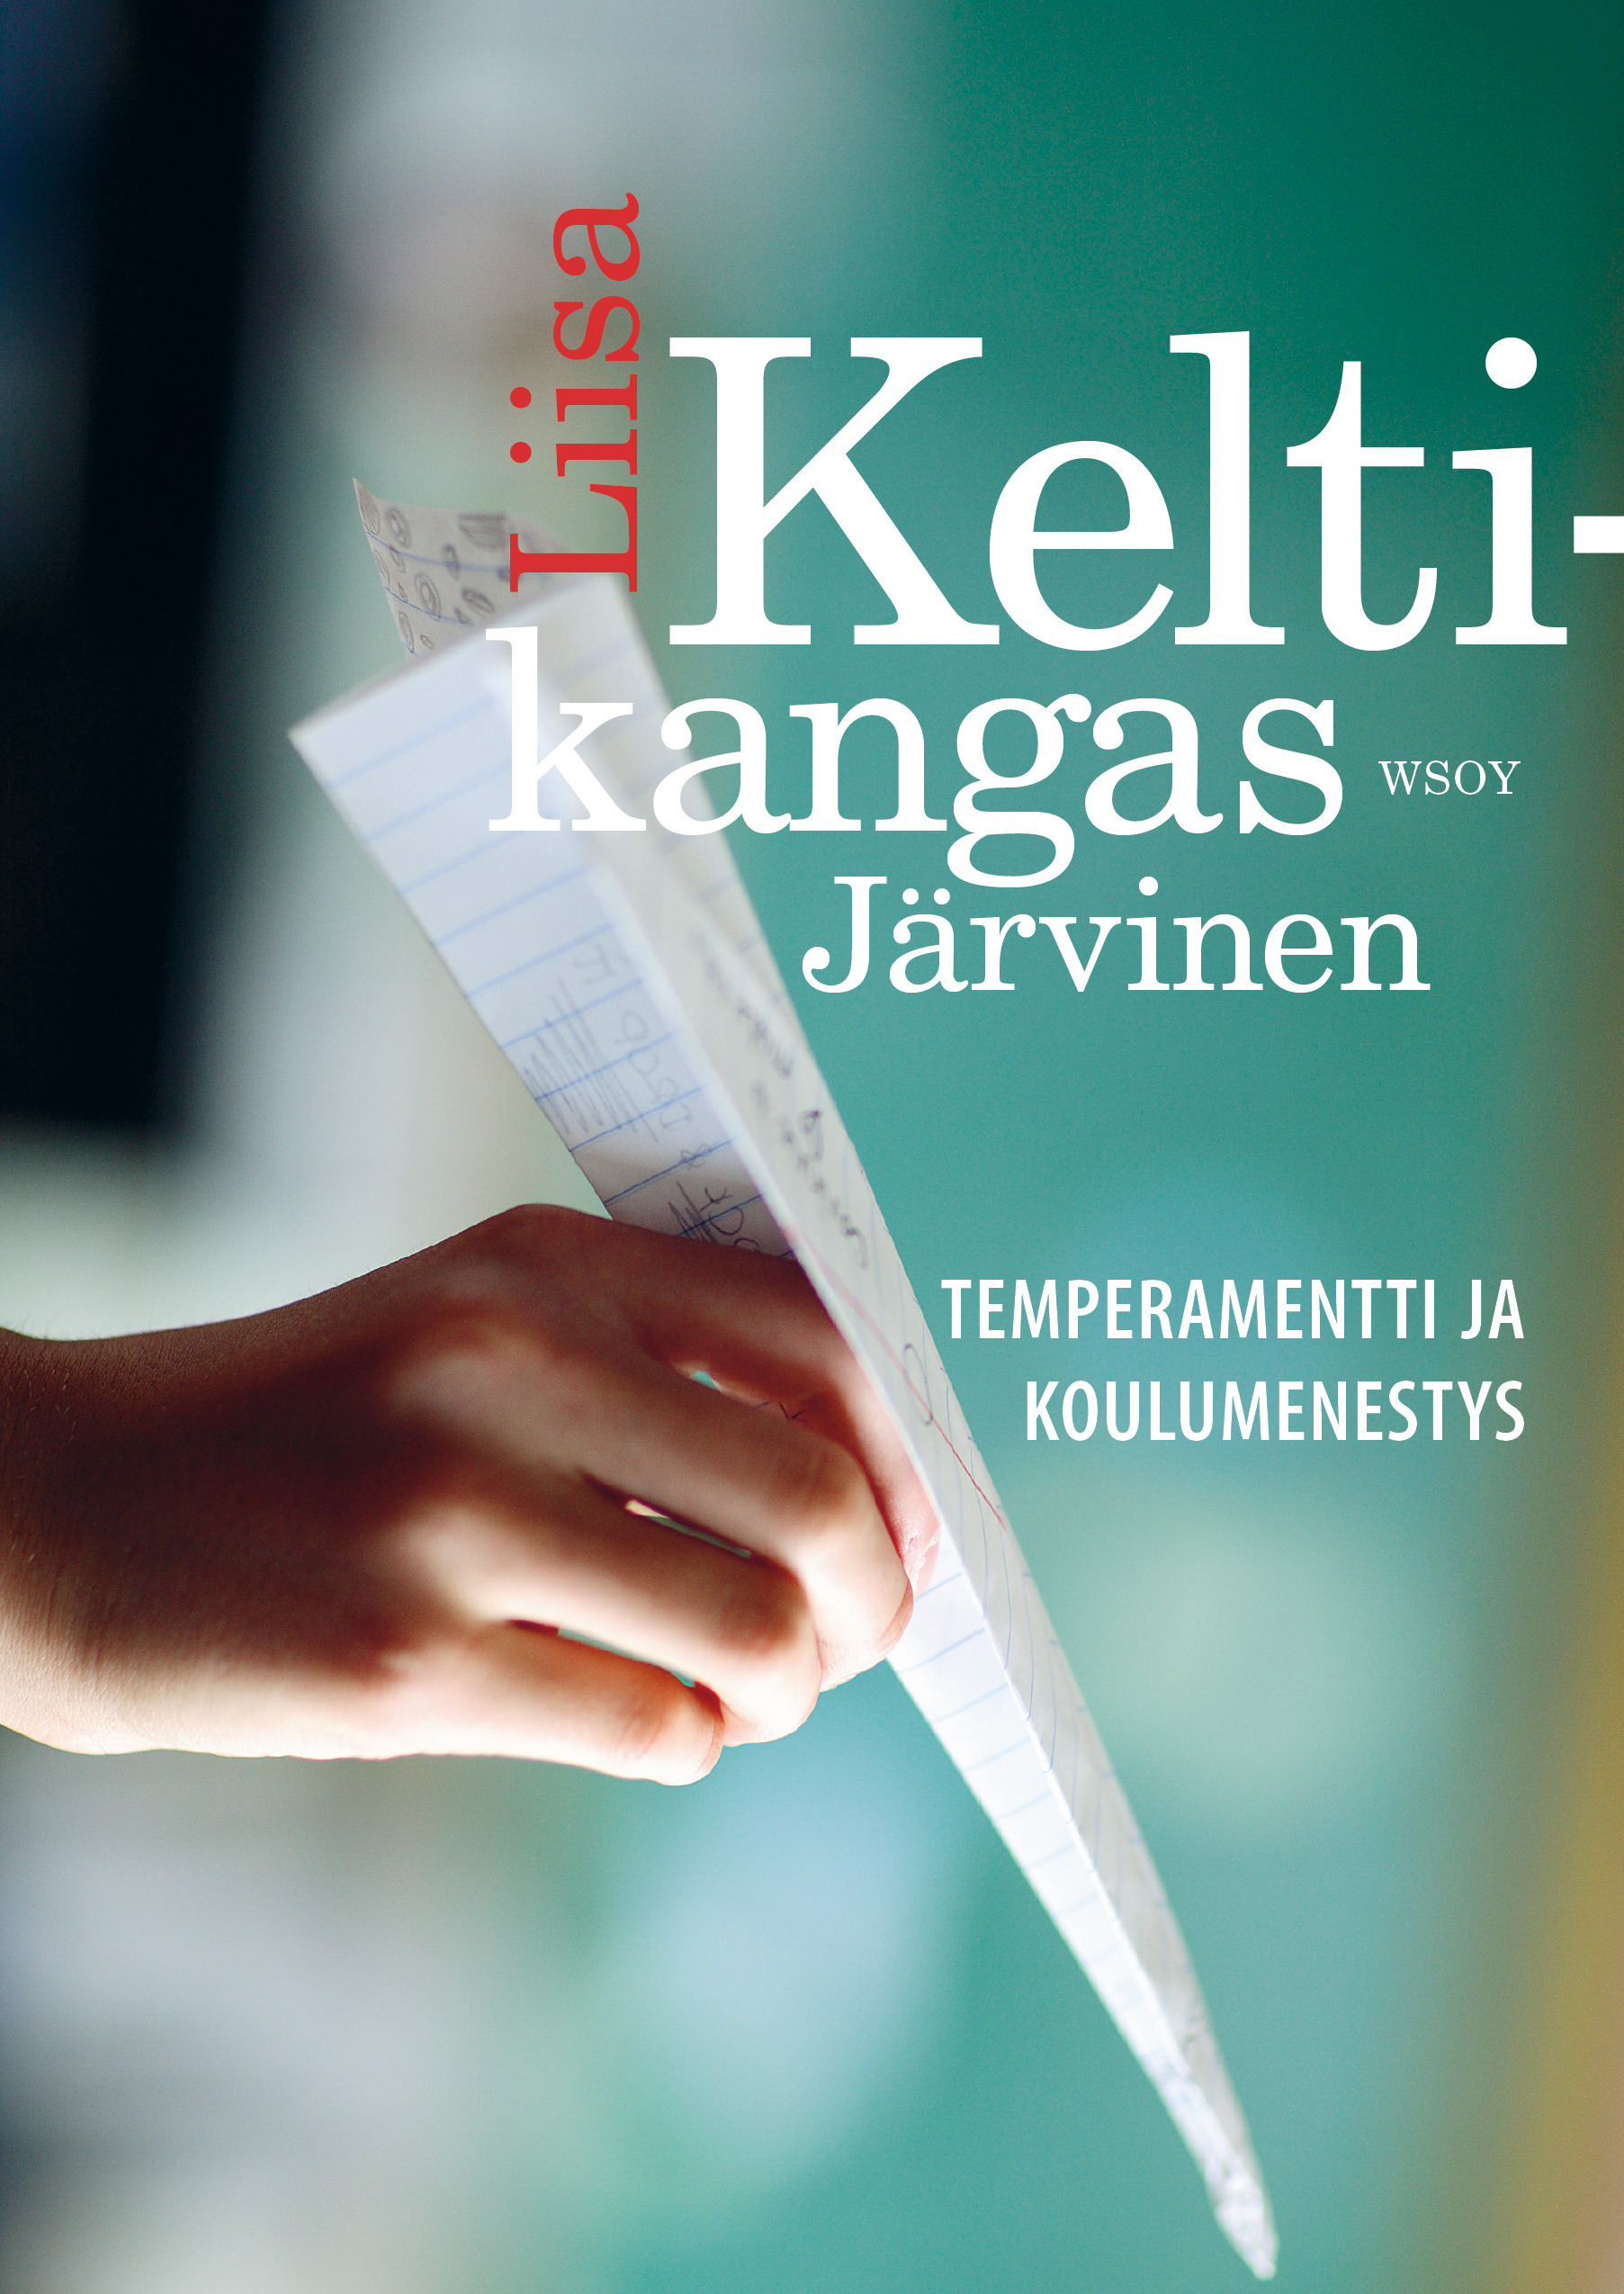 Temperamentti ja koulumenestys | E-kirja | Ellibs E-kirjakauppa